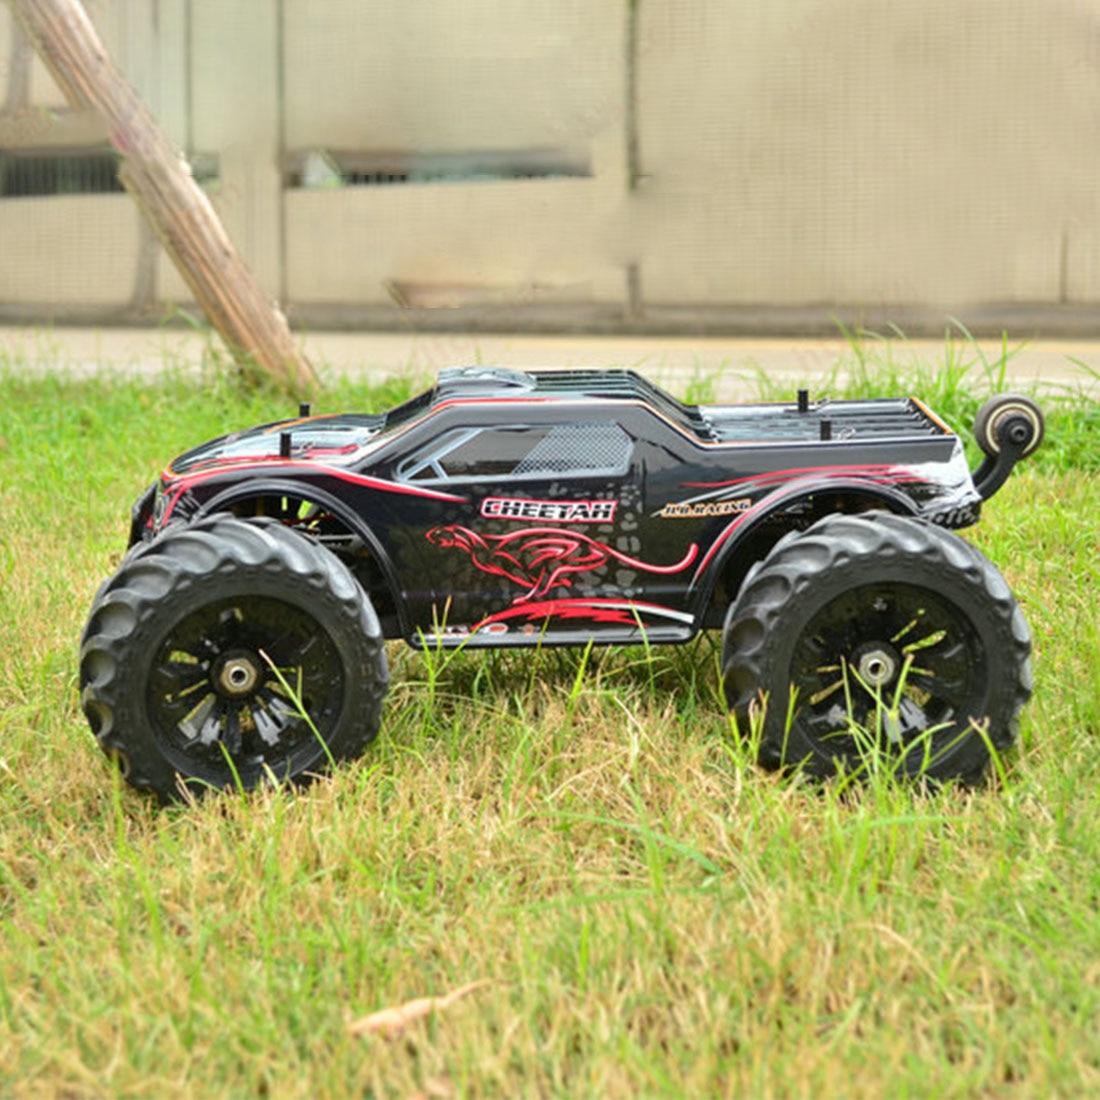 Jlb Racing 1:10 4WD Rc Borstelloze Monster Truck Off Road Voertuig Waterdichte Rc Auto Met Wheelie Functie Speelgoed Voor kid Rtr Versie - 4